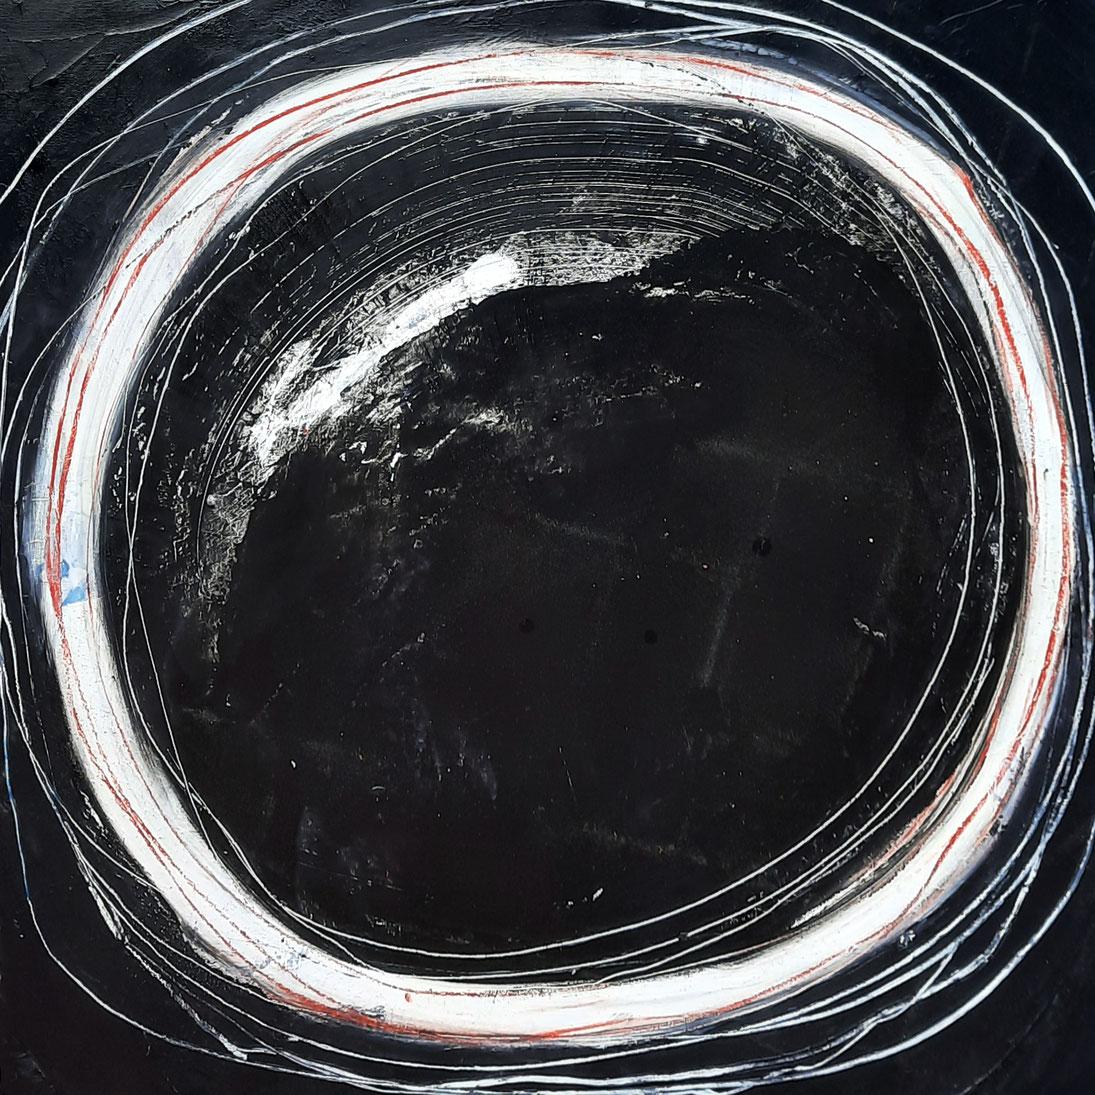 Struktur schwarzweiss Bild - zeitgenössisch